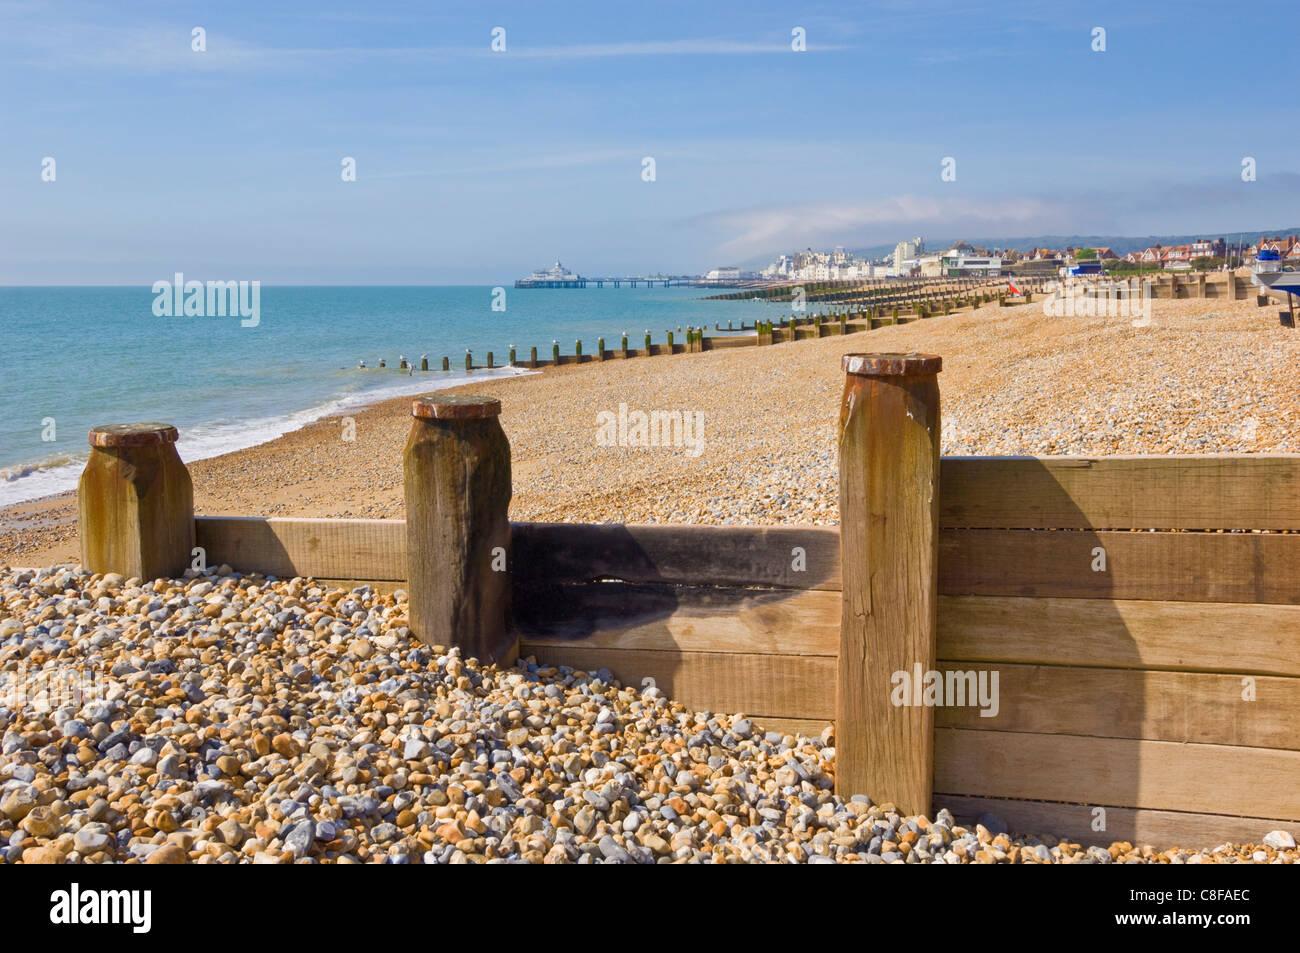 Spiaggia ghiaiosa e pennelli, Eastbourne Pier nella distanza, Eastbourne, East Sussex, England, Regno Unito Immagini Stock